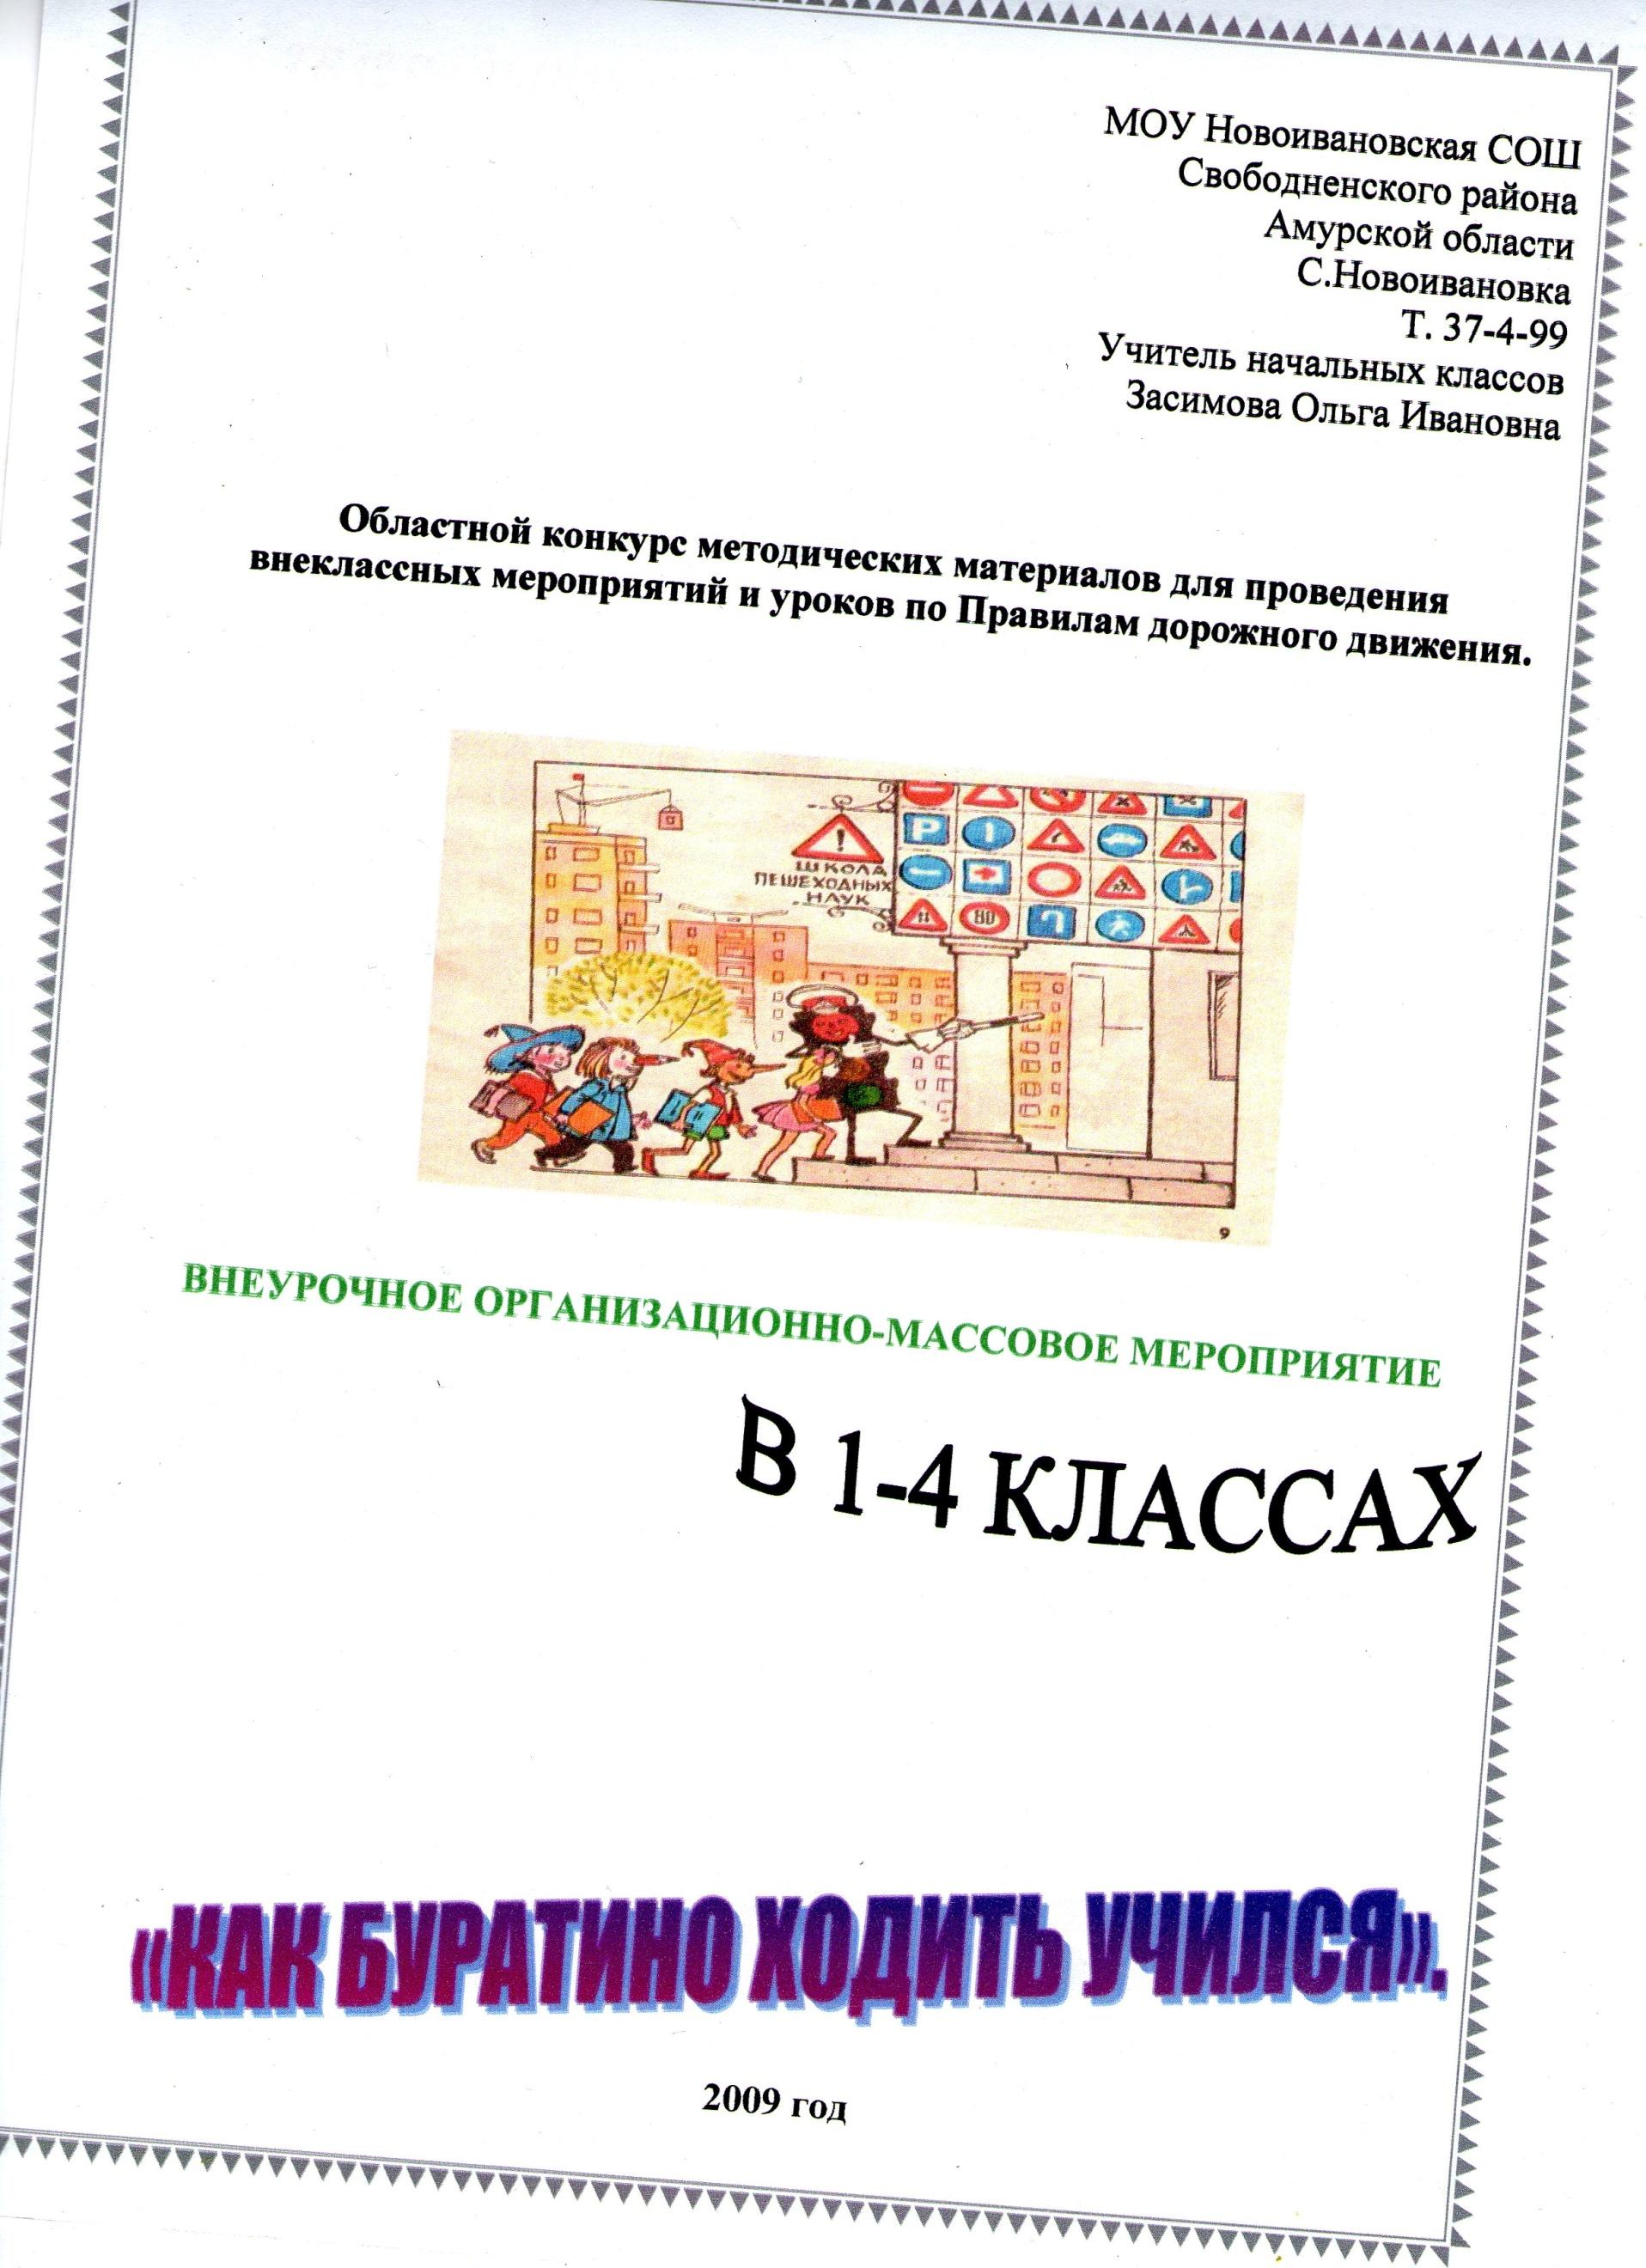 C:\Documents and Settings\User\Мои документы\Мои рисунки\img051.jpg